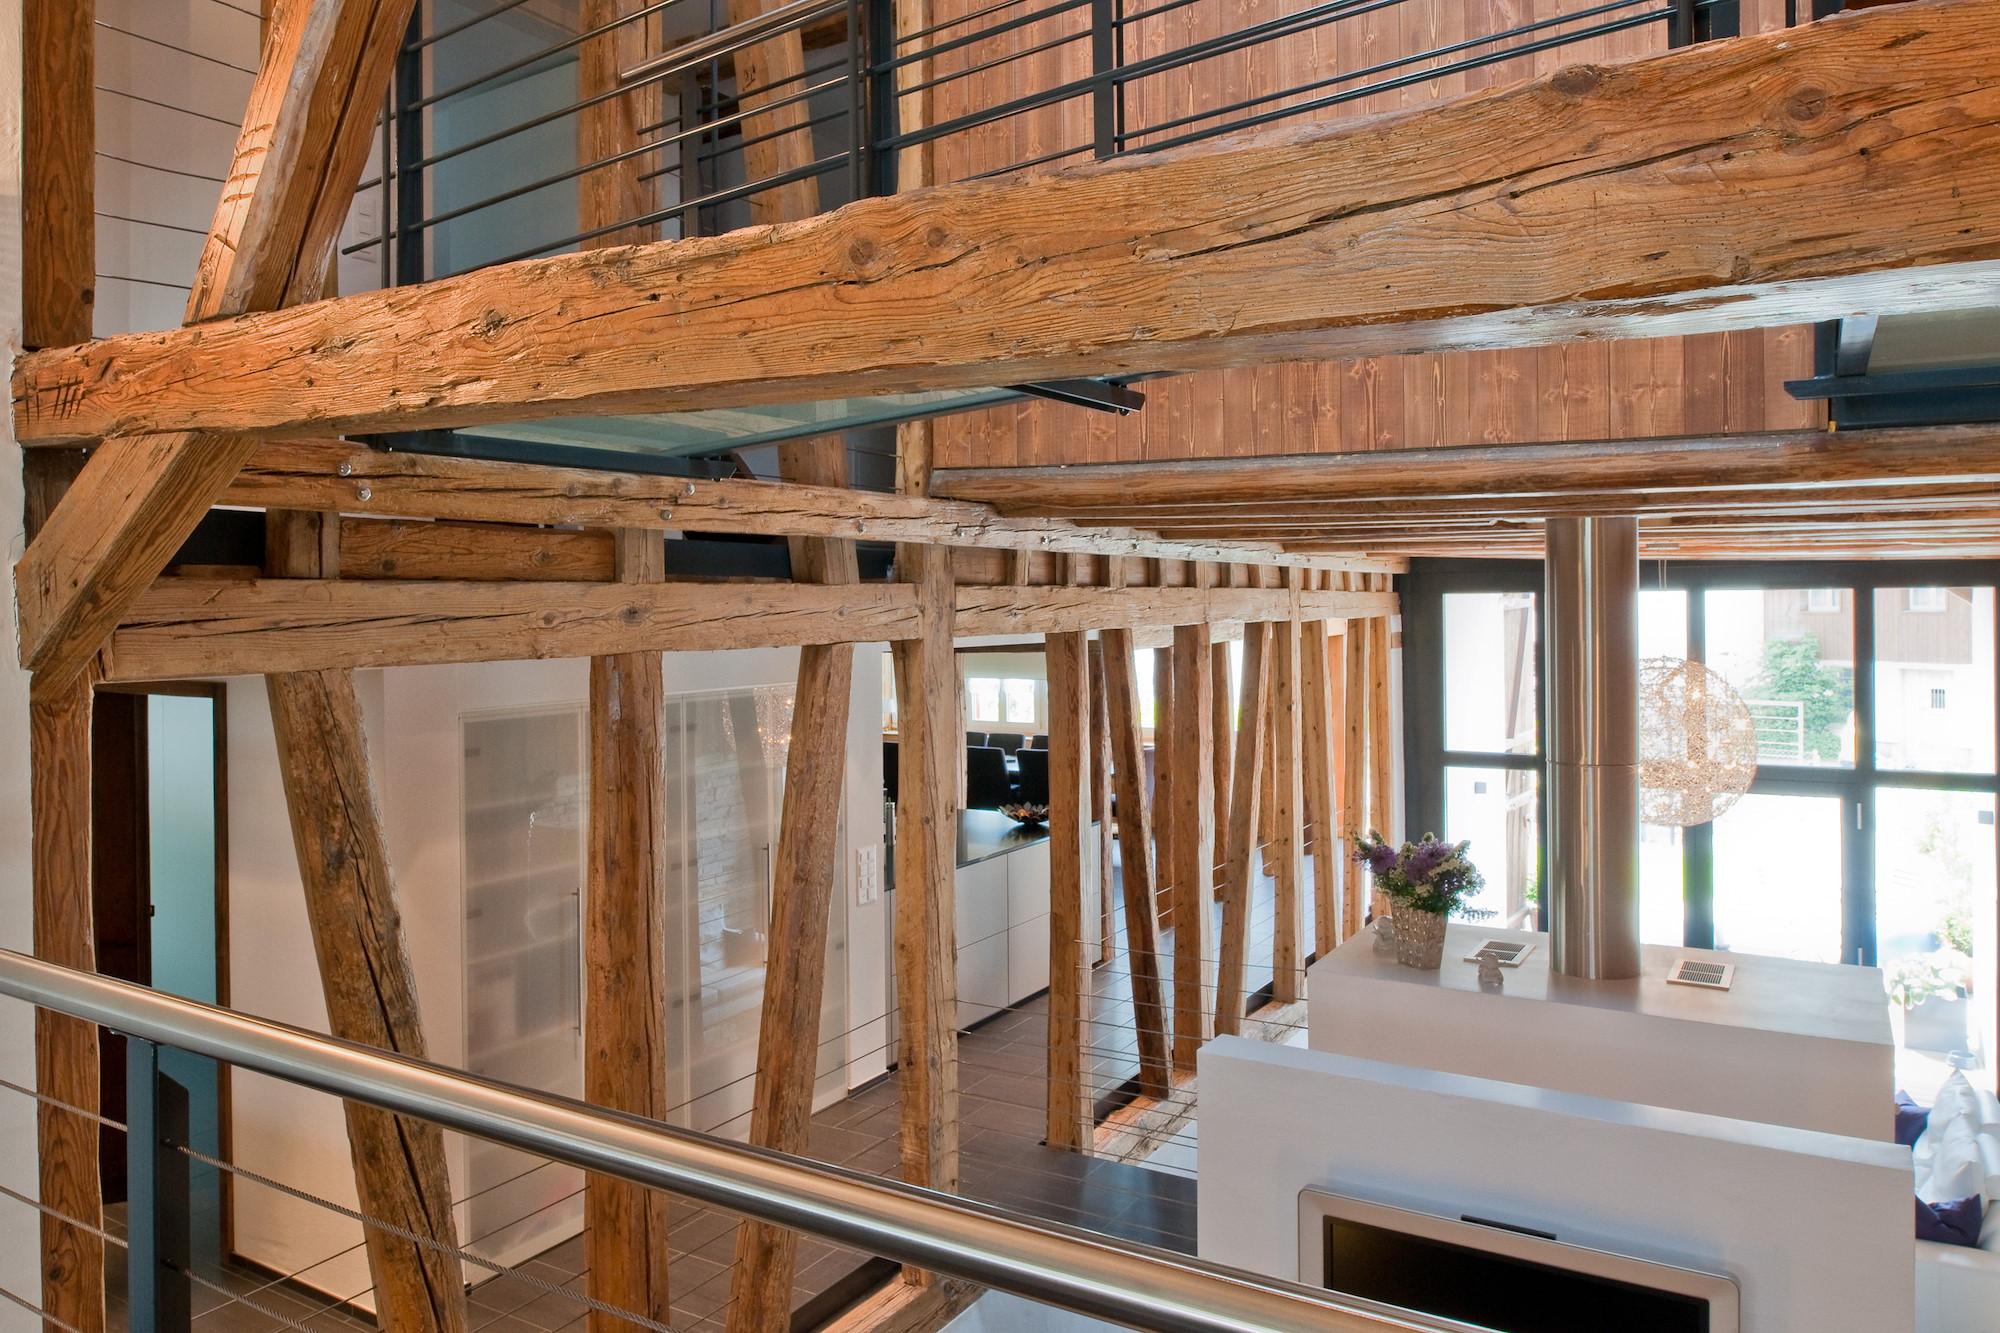 umbau z rich umbau bauernhaus volketswil. Black Bedroom Furniture Sets. Home Design Ideas